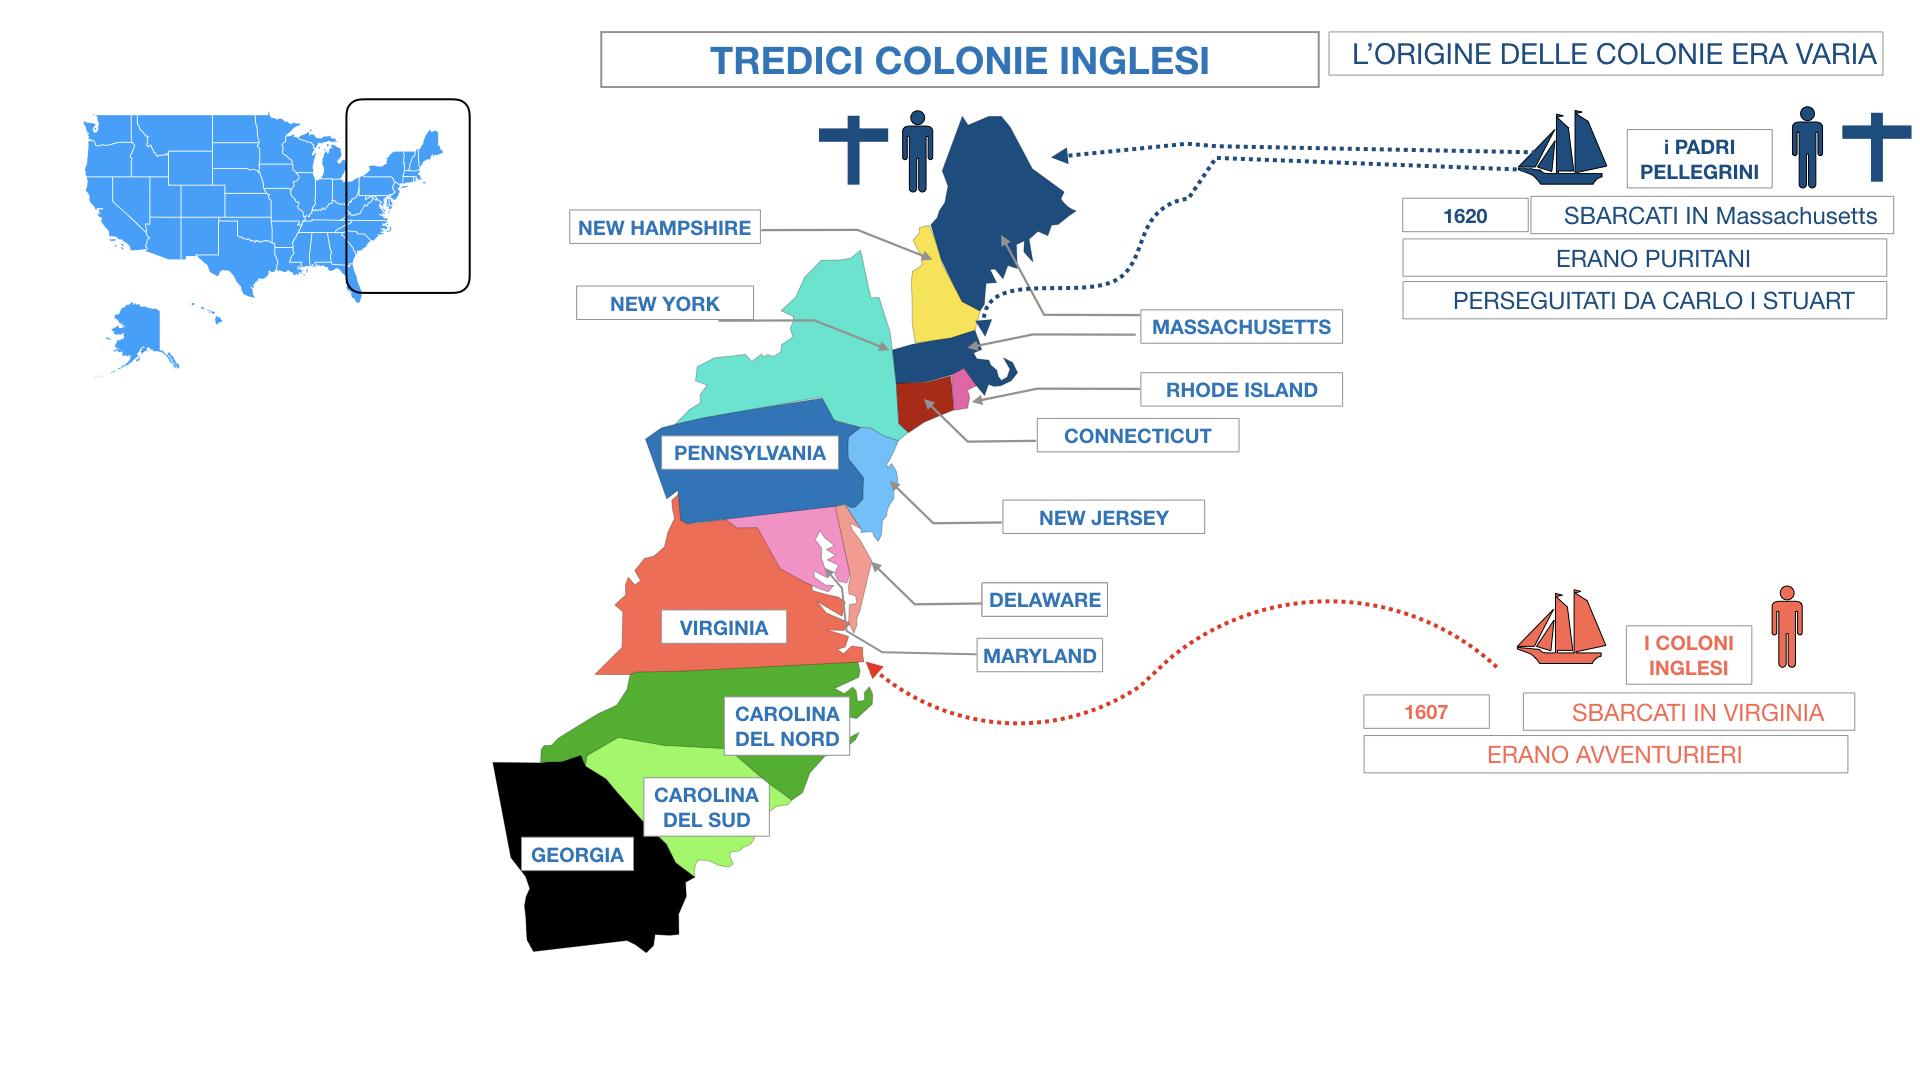 AMERICA LE TREDICI COLONIE INGLESI SIMULAZIONE.048